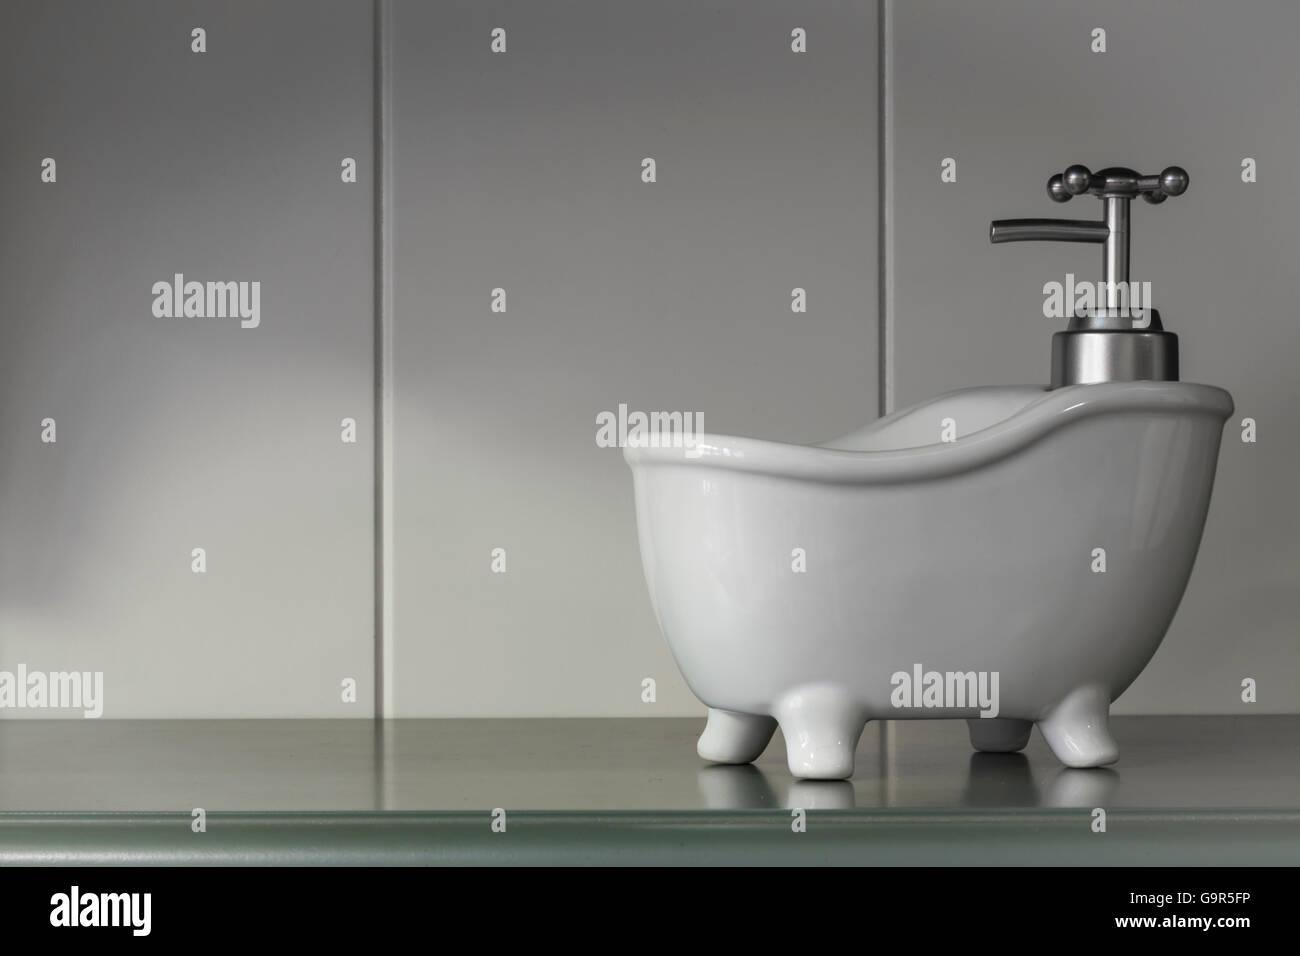 Vasca Da Bagno Piccola Vintage : Vintage piccola vasca da bagno dispenser di sapone sul pannello di